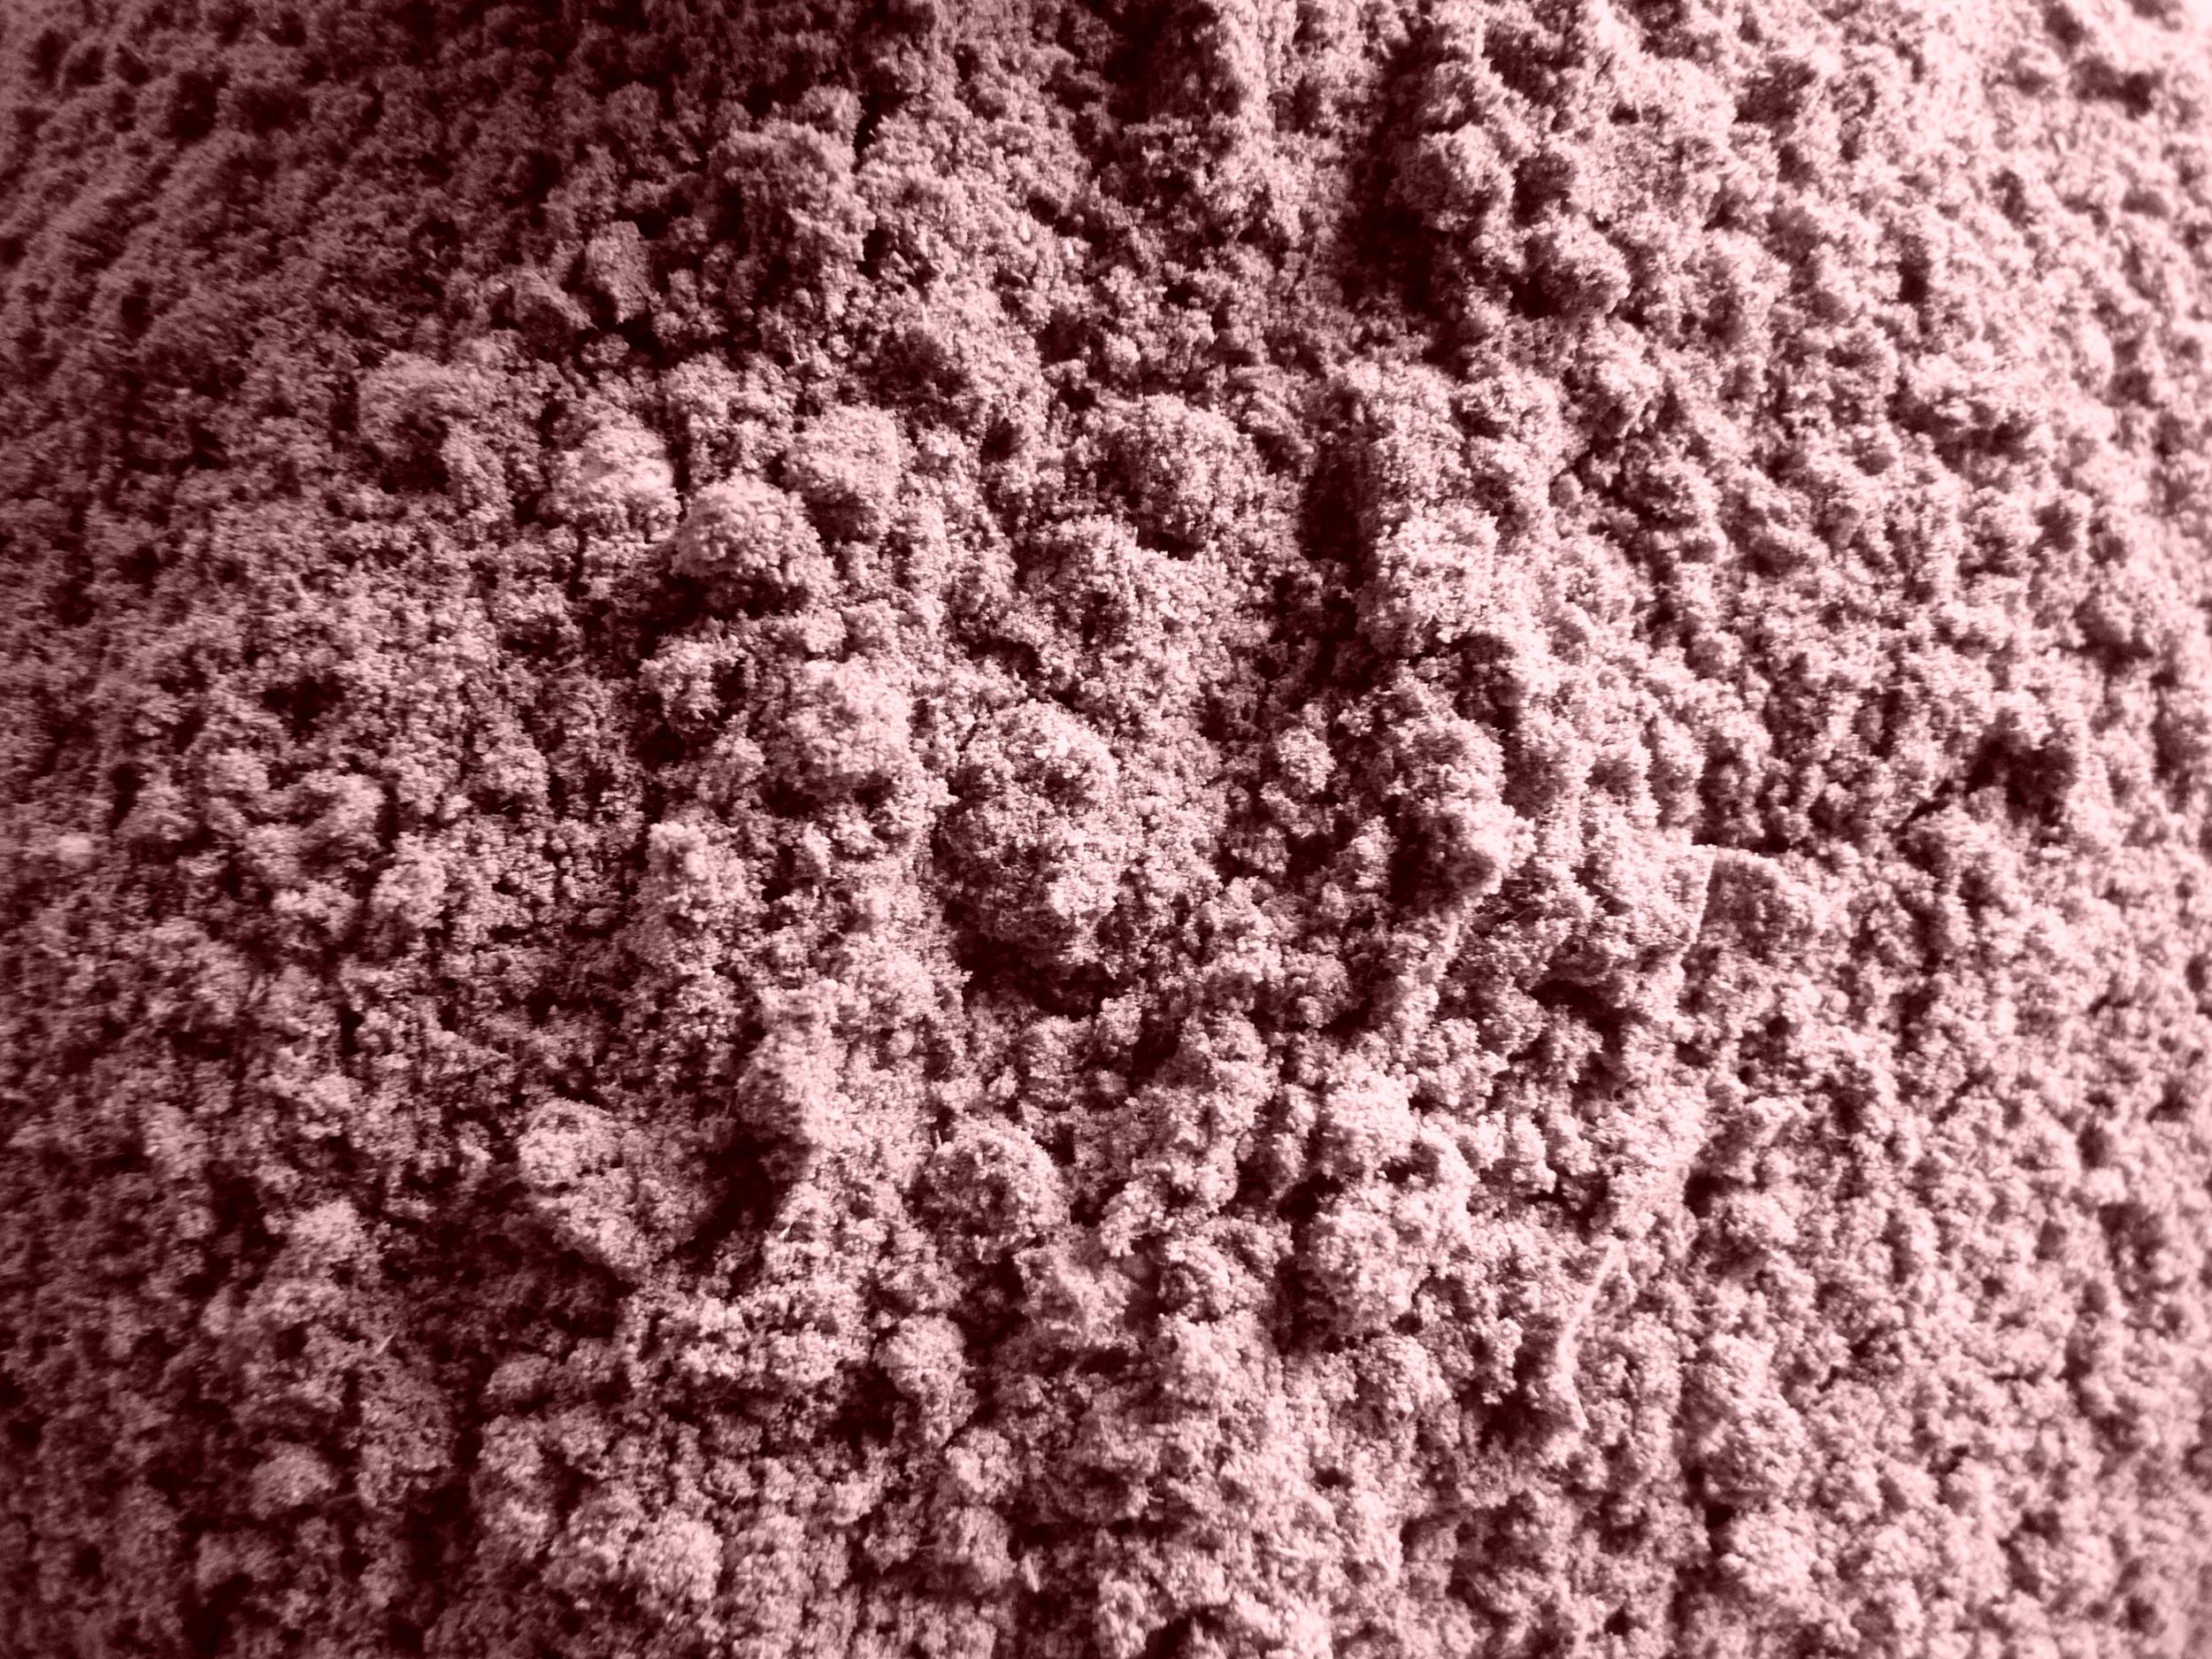 EPICES POUR CRUMBLE 25 g